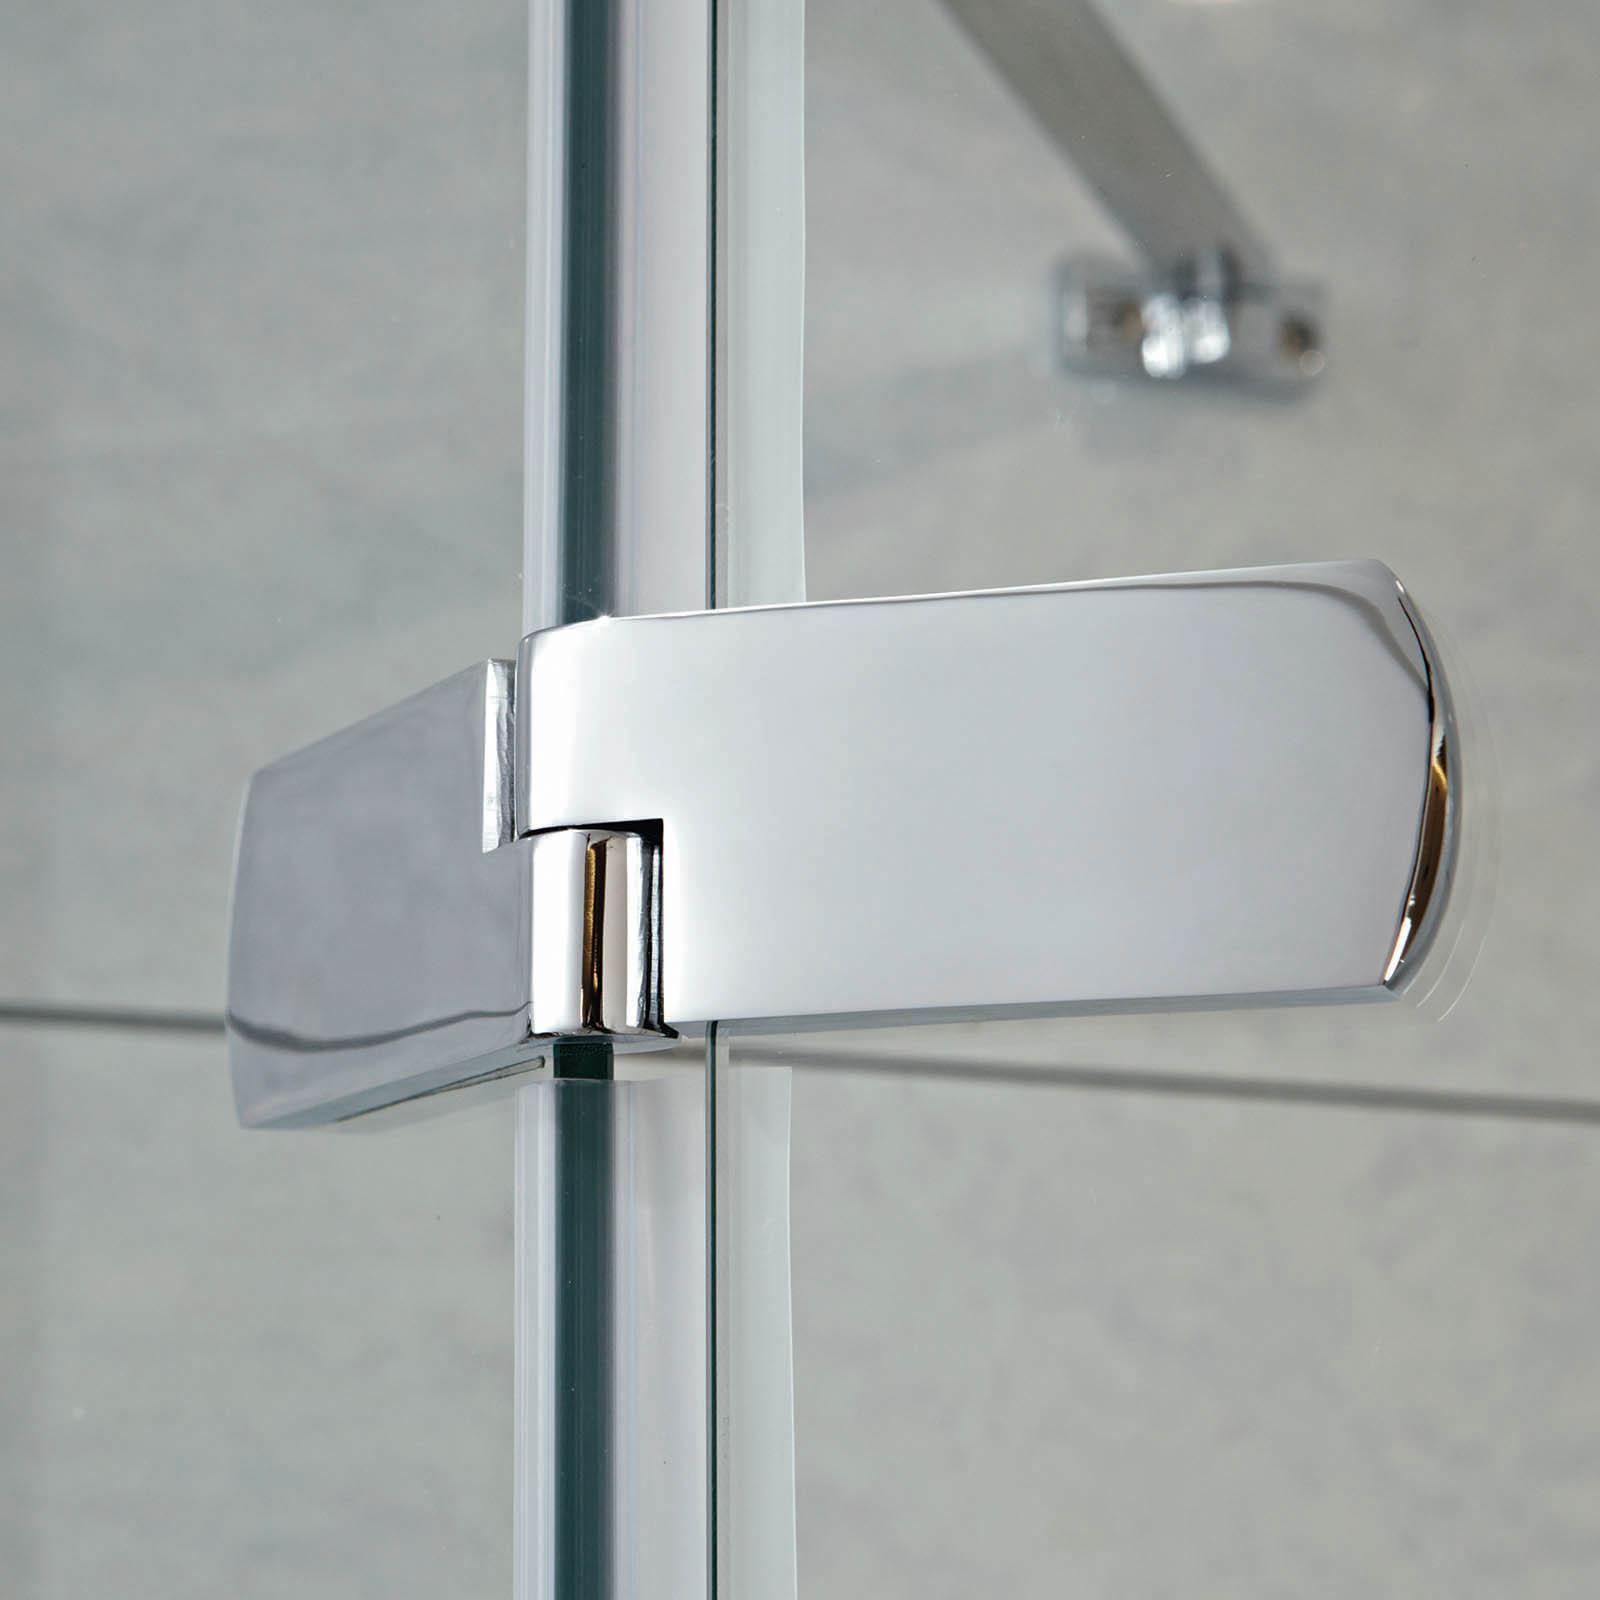 Phoenix Idyllic 8mm Neo Hinged Door Pentangle Shower